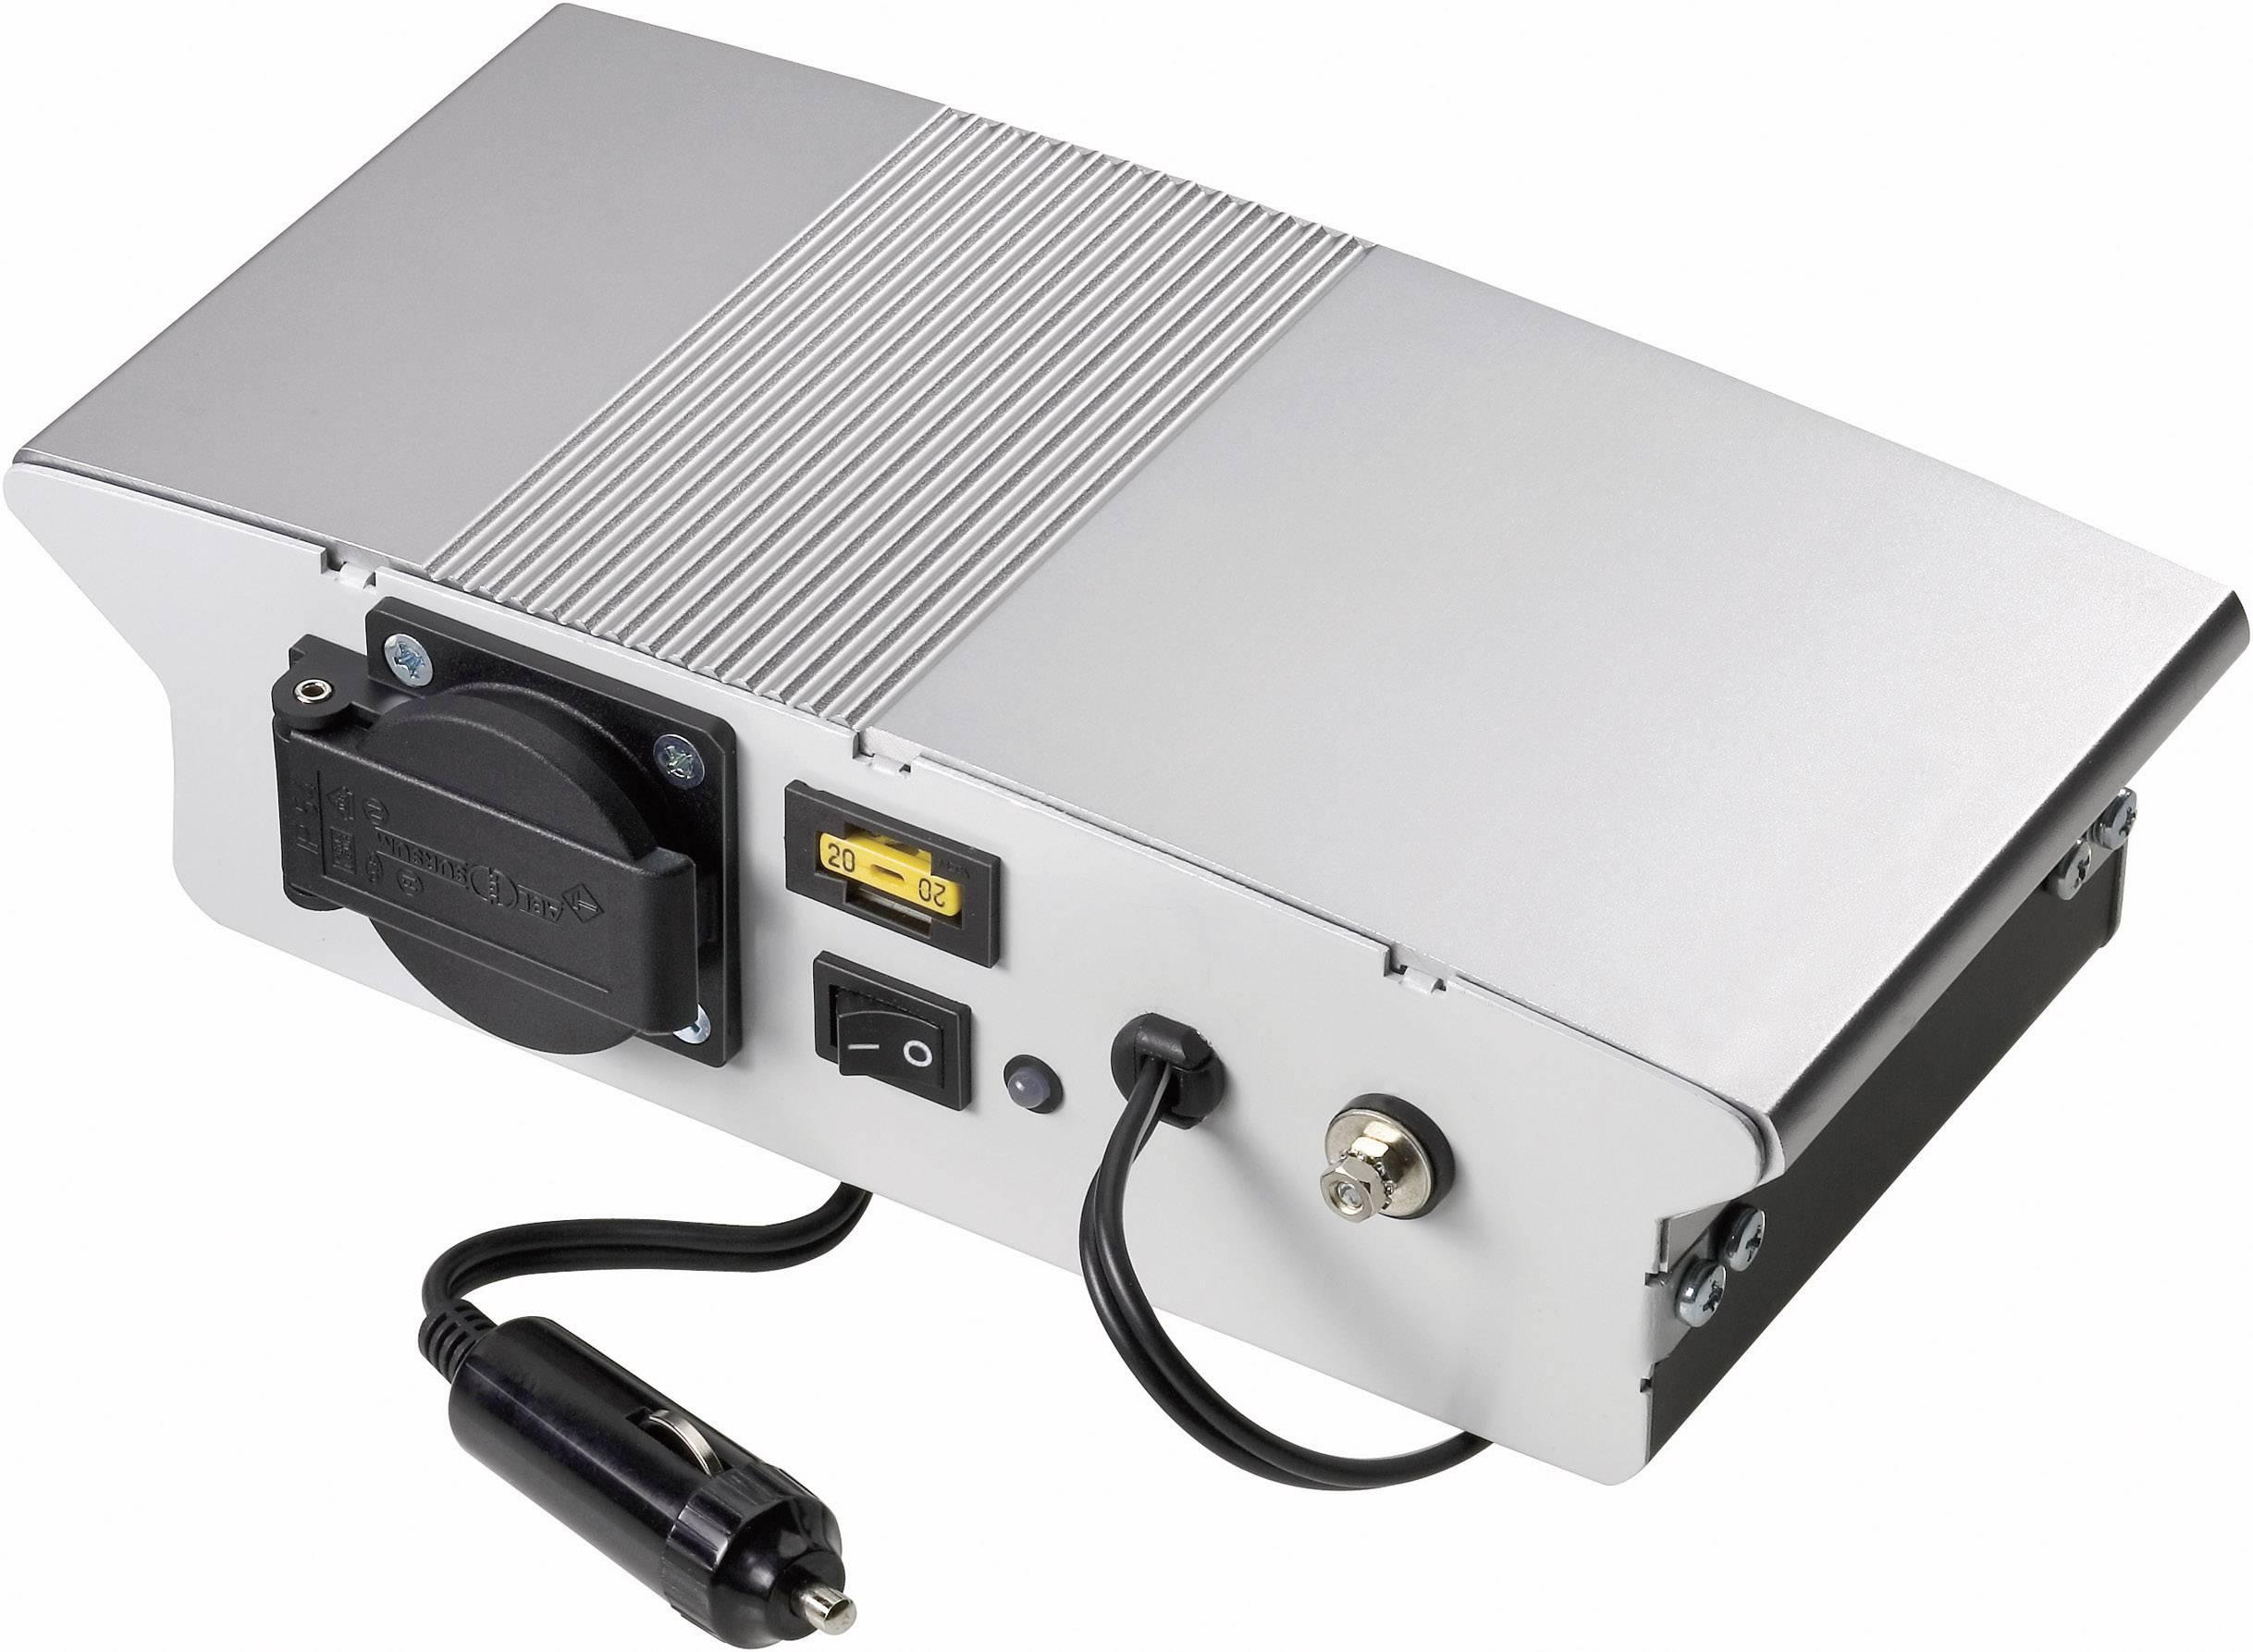 Menič napätia DC / AC VOLTCRAFT SW-150 24V, 150 W, 24 V/DC/230 V/AC, 150 W bez ventilátorov